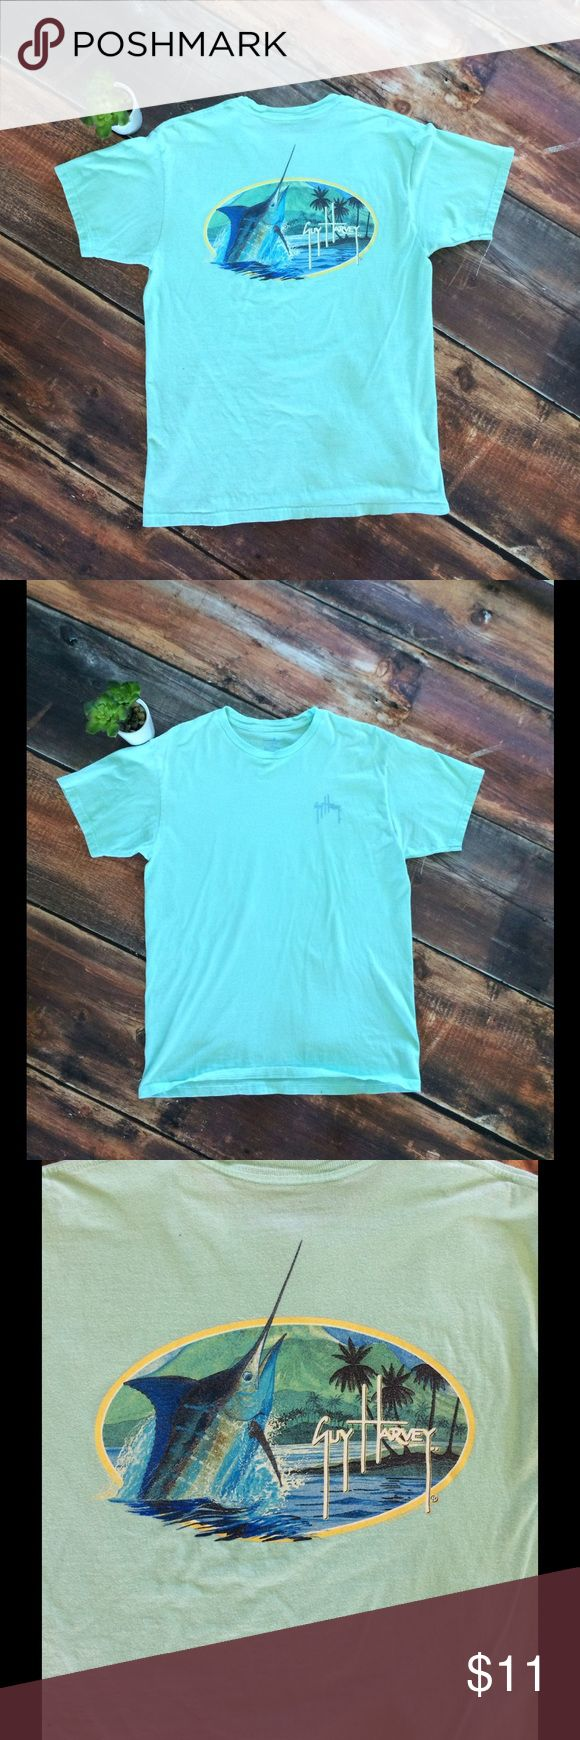 Guy Harvey men's light turquoise t shirt Guy Harvy mens light aqua blue tee shirt guy harvey Shirts Tees - Short Sleeve